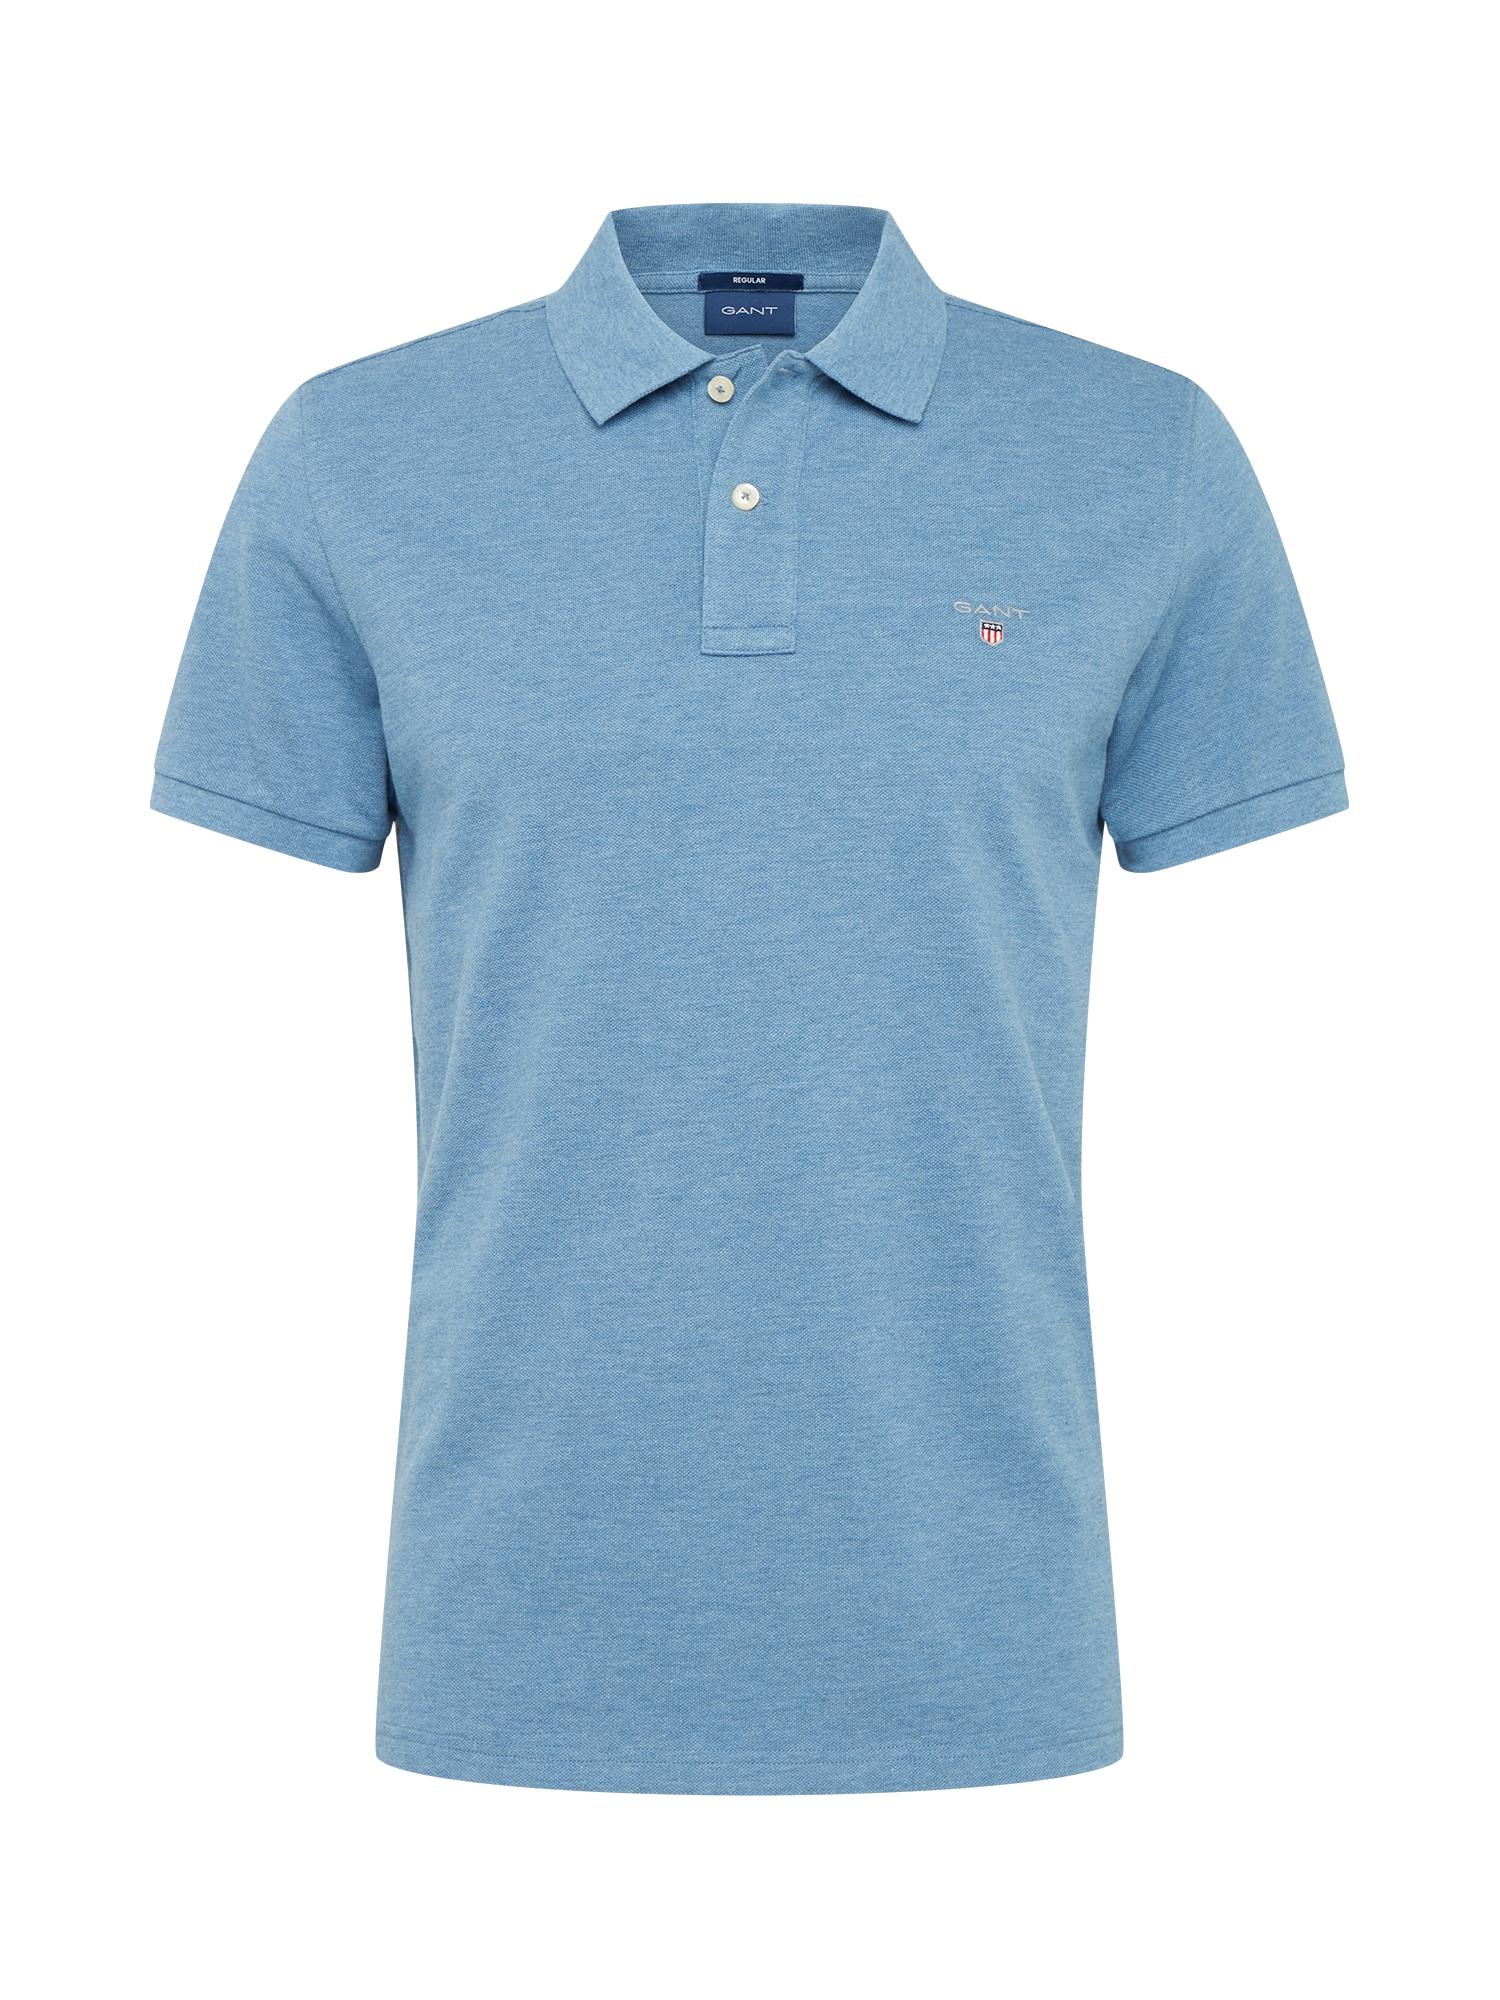 GANT Marškinėliai margai mėlyna / tamsiai (džinso) mėlyna / šviesiai pilka / balta / ugnies raudona